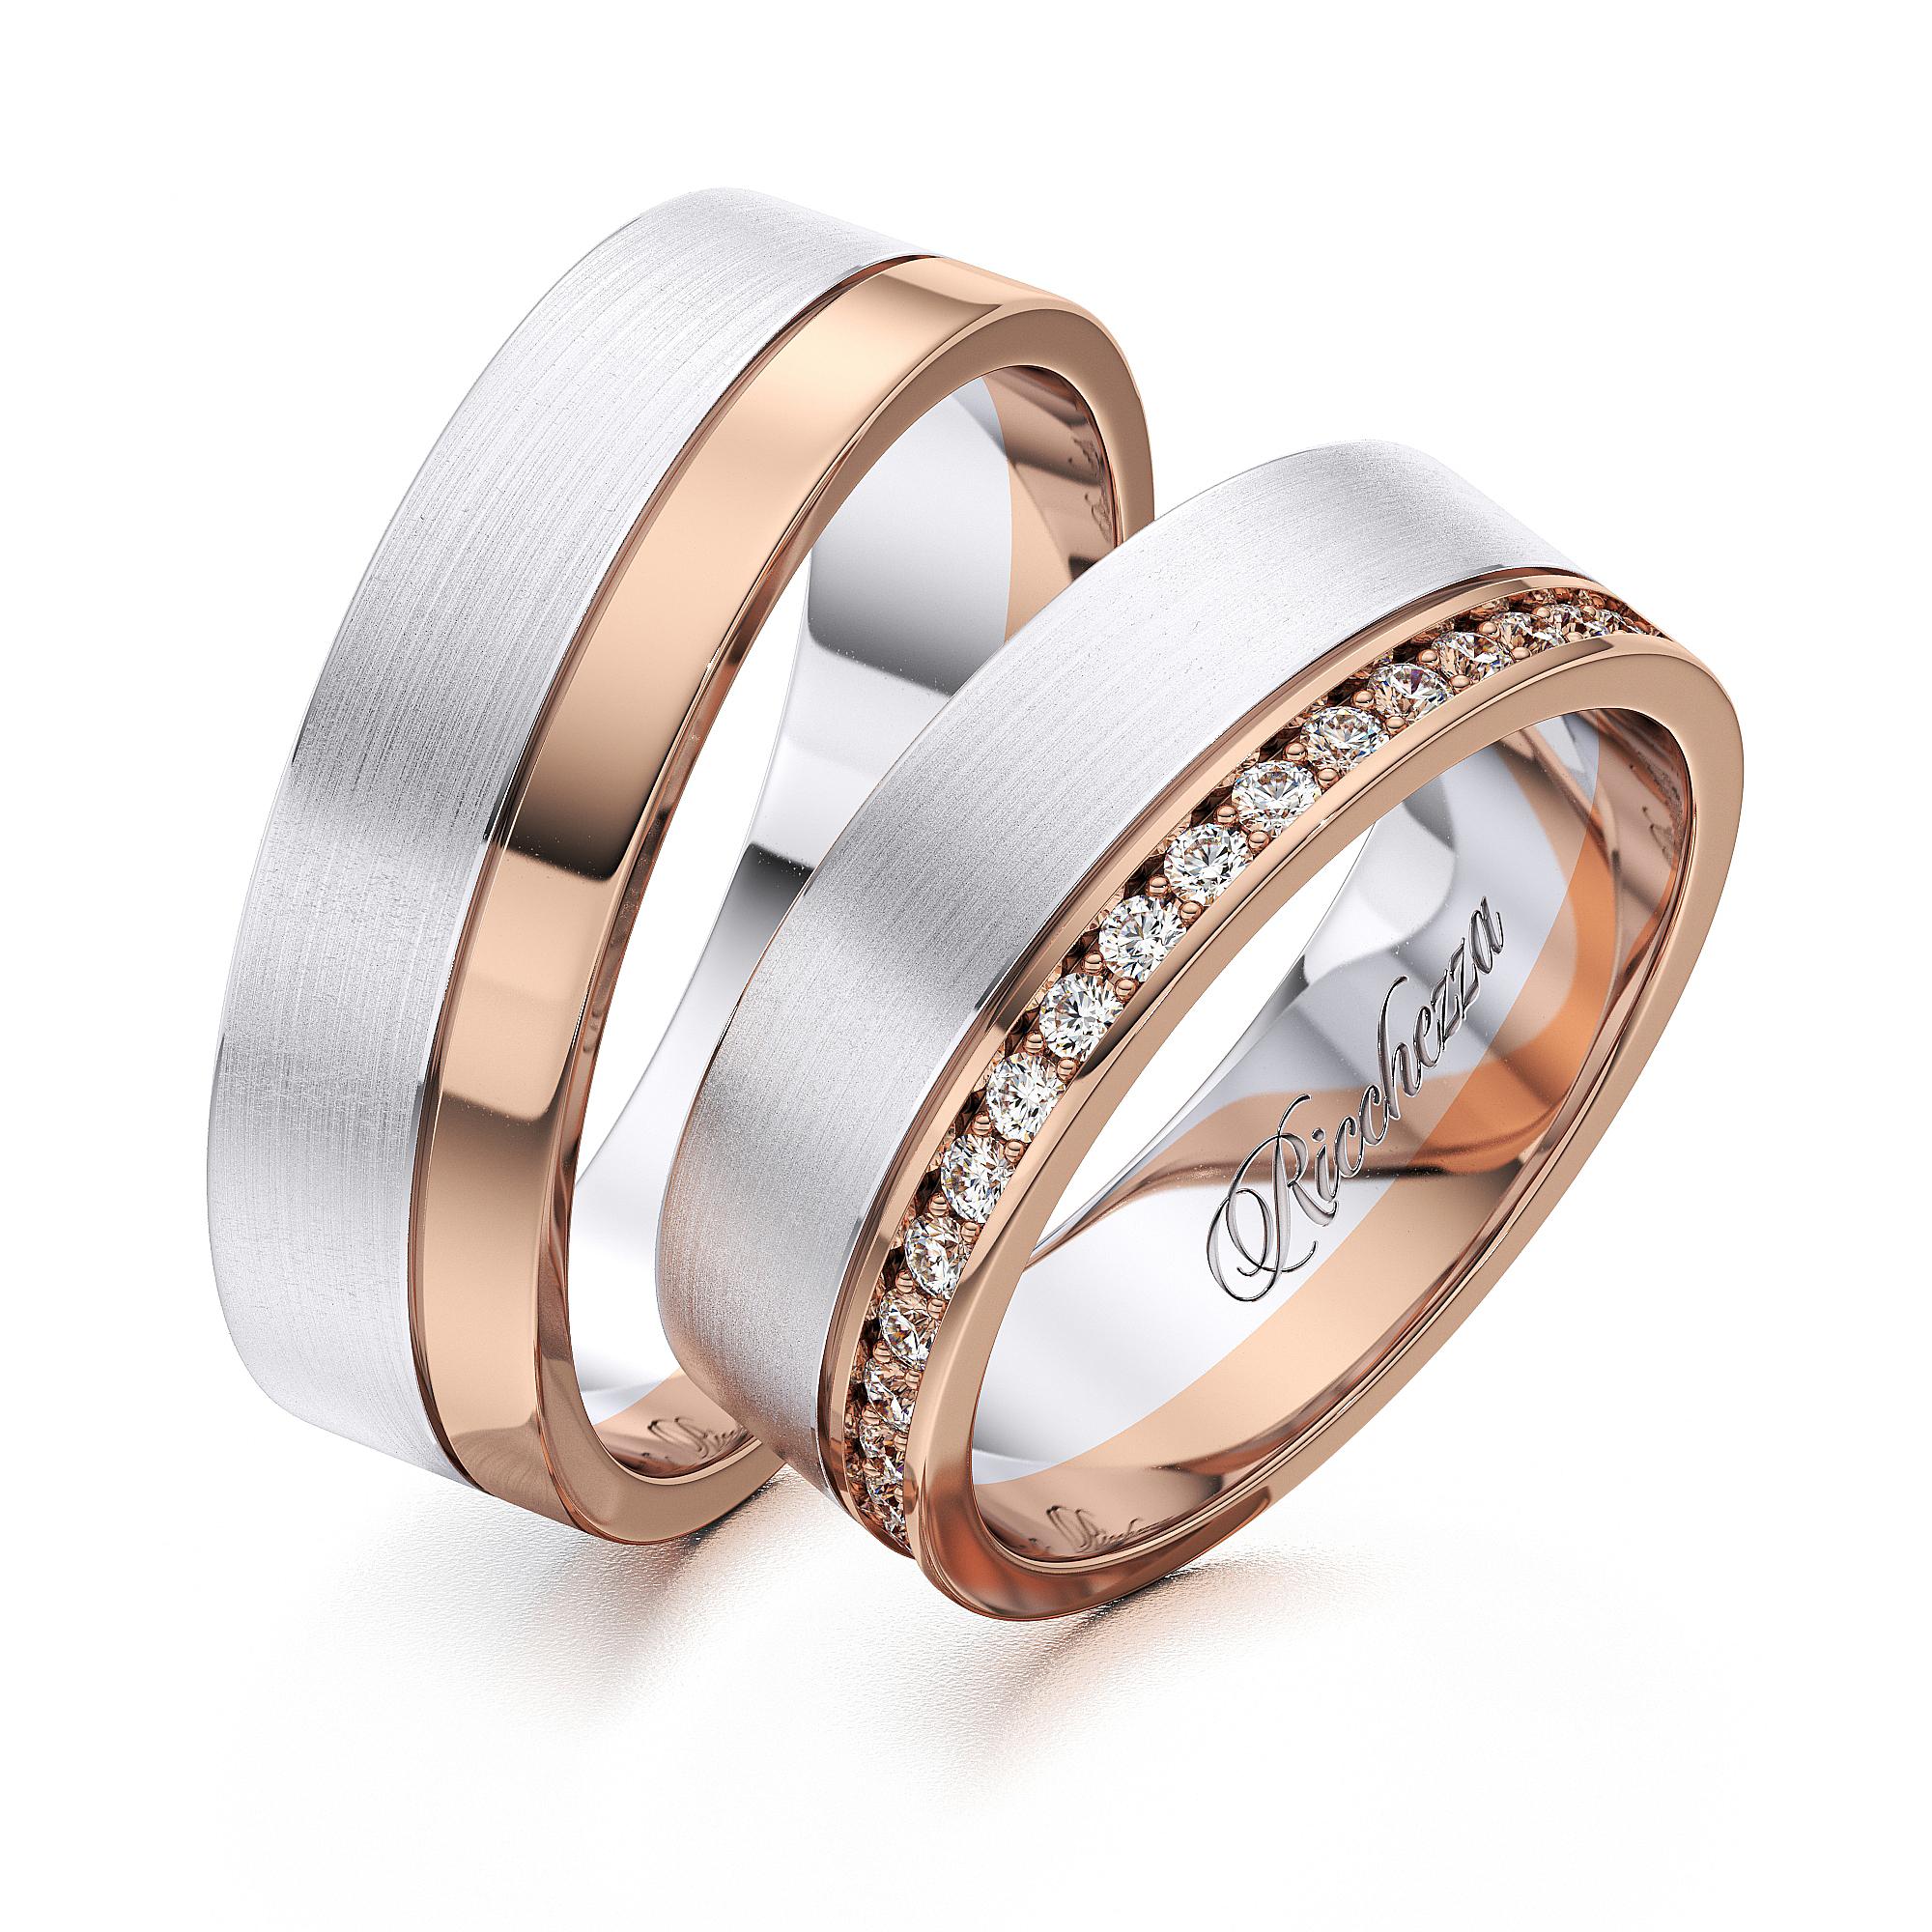 Обручальные кольца RS25 — Ricchezza — ювелирные изделия d6a1085d163